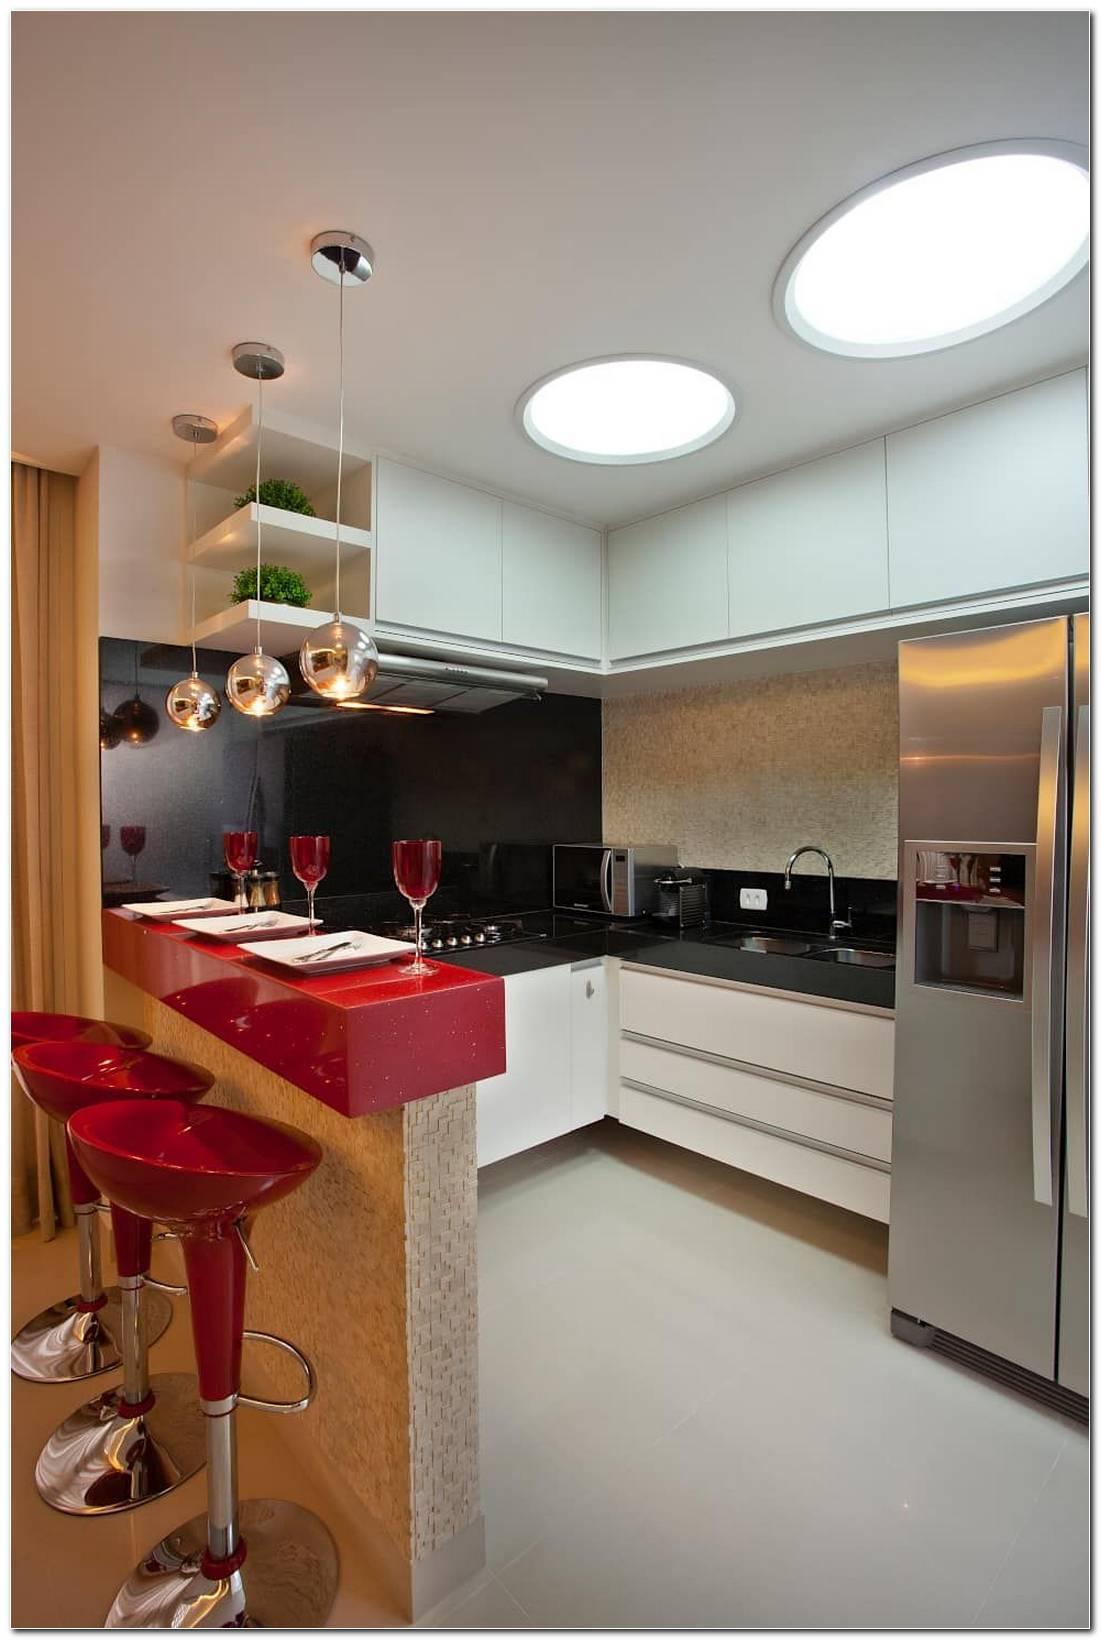 Design De Interiores De Cozinhas